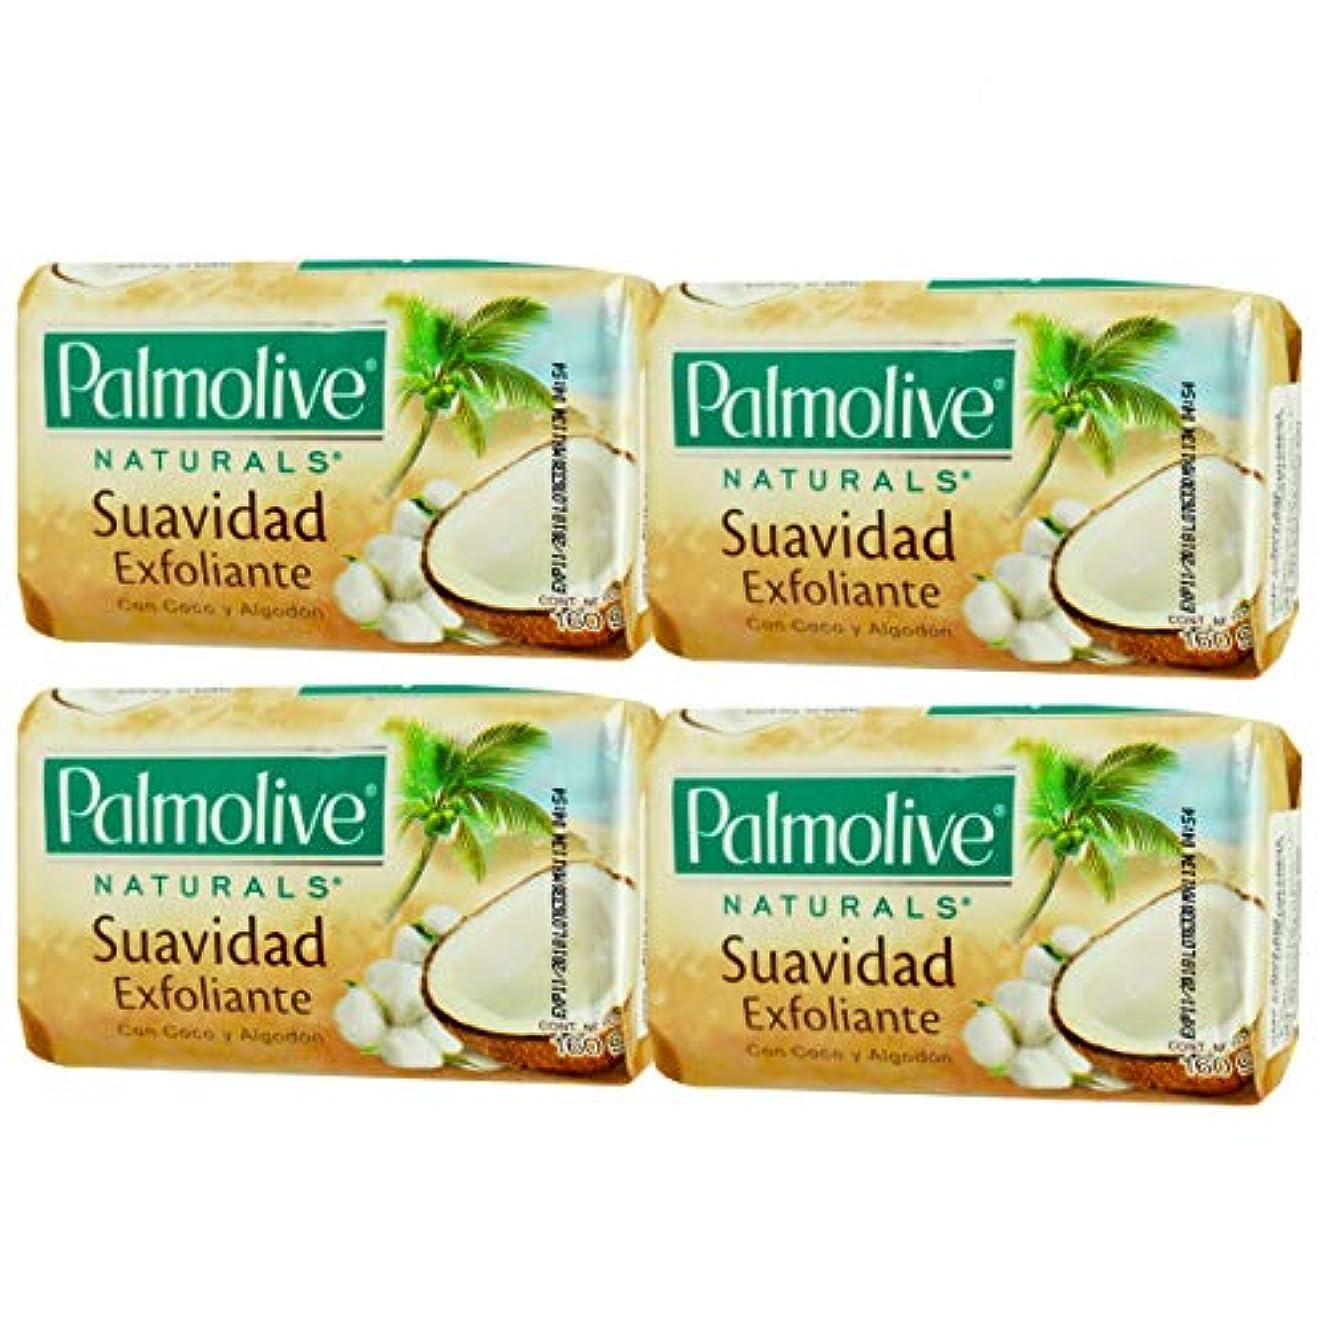 追加サミットクローゼットPalmolive ナチュラルズココY Algodonソープココナッツと綿160Gパック4